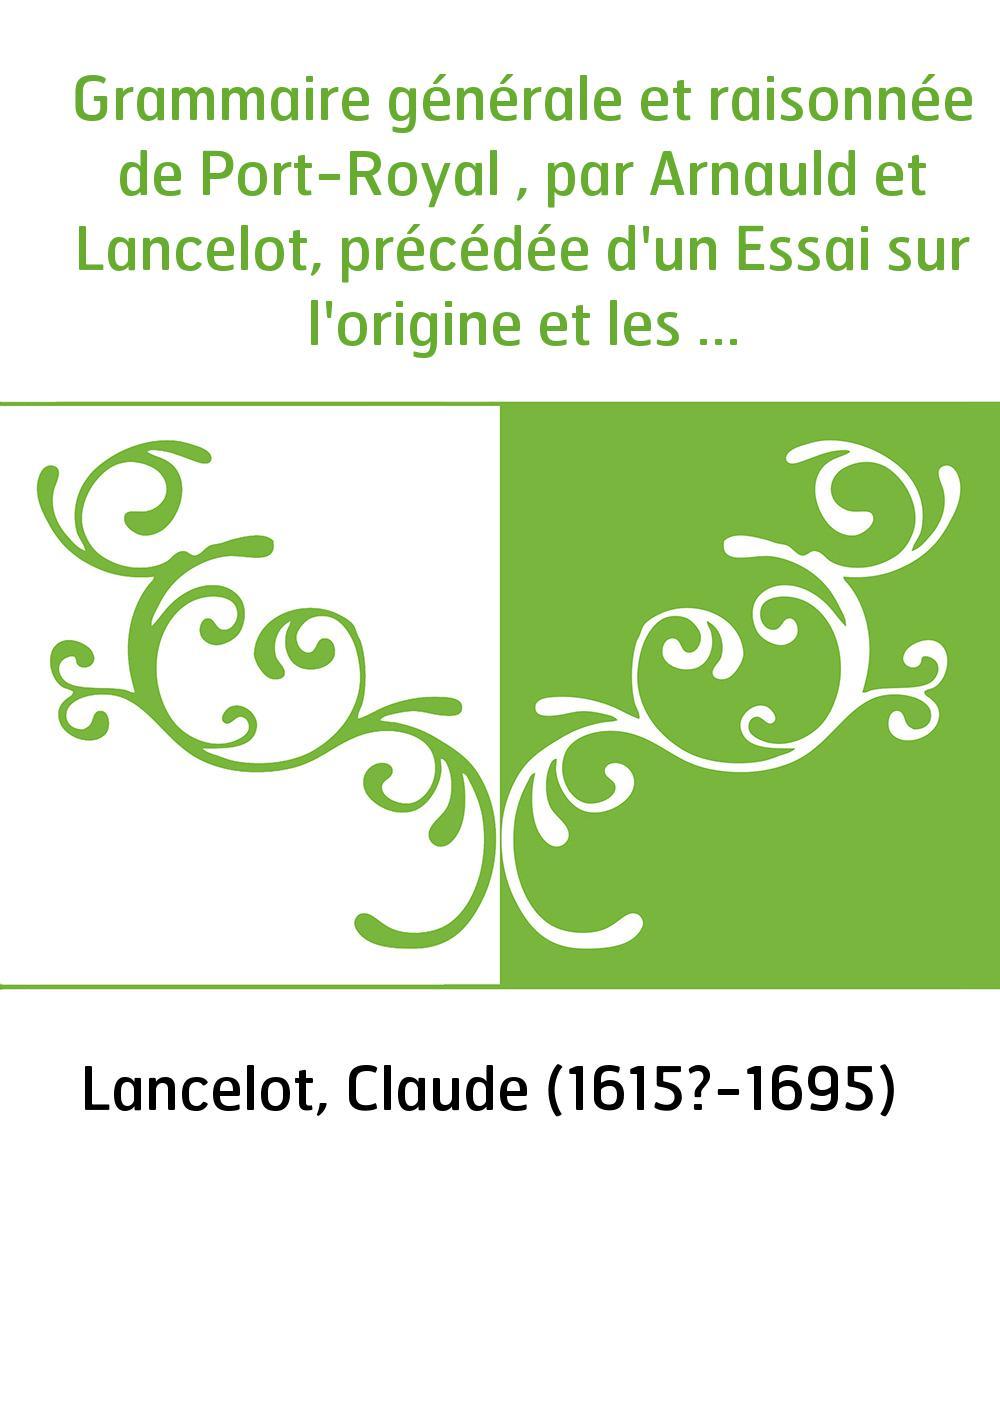 Grammaire générale et raisonnée de Port-Royal , par Arnauld et Lancelot, précédée d'un Essai sur l'origine et les progrès de la